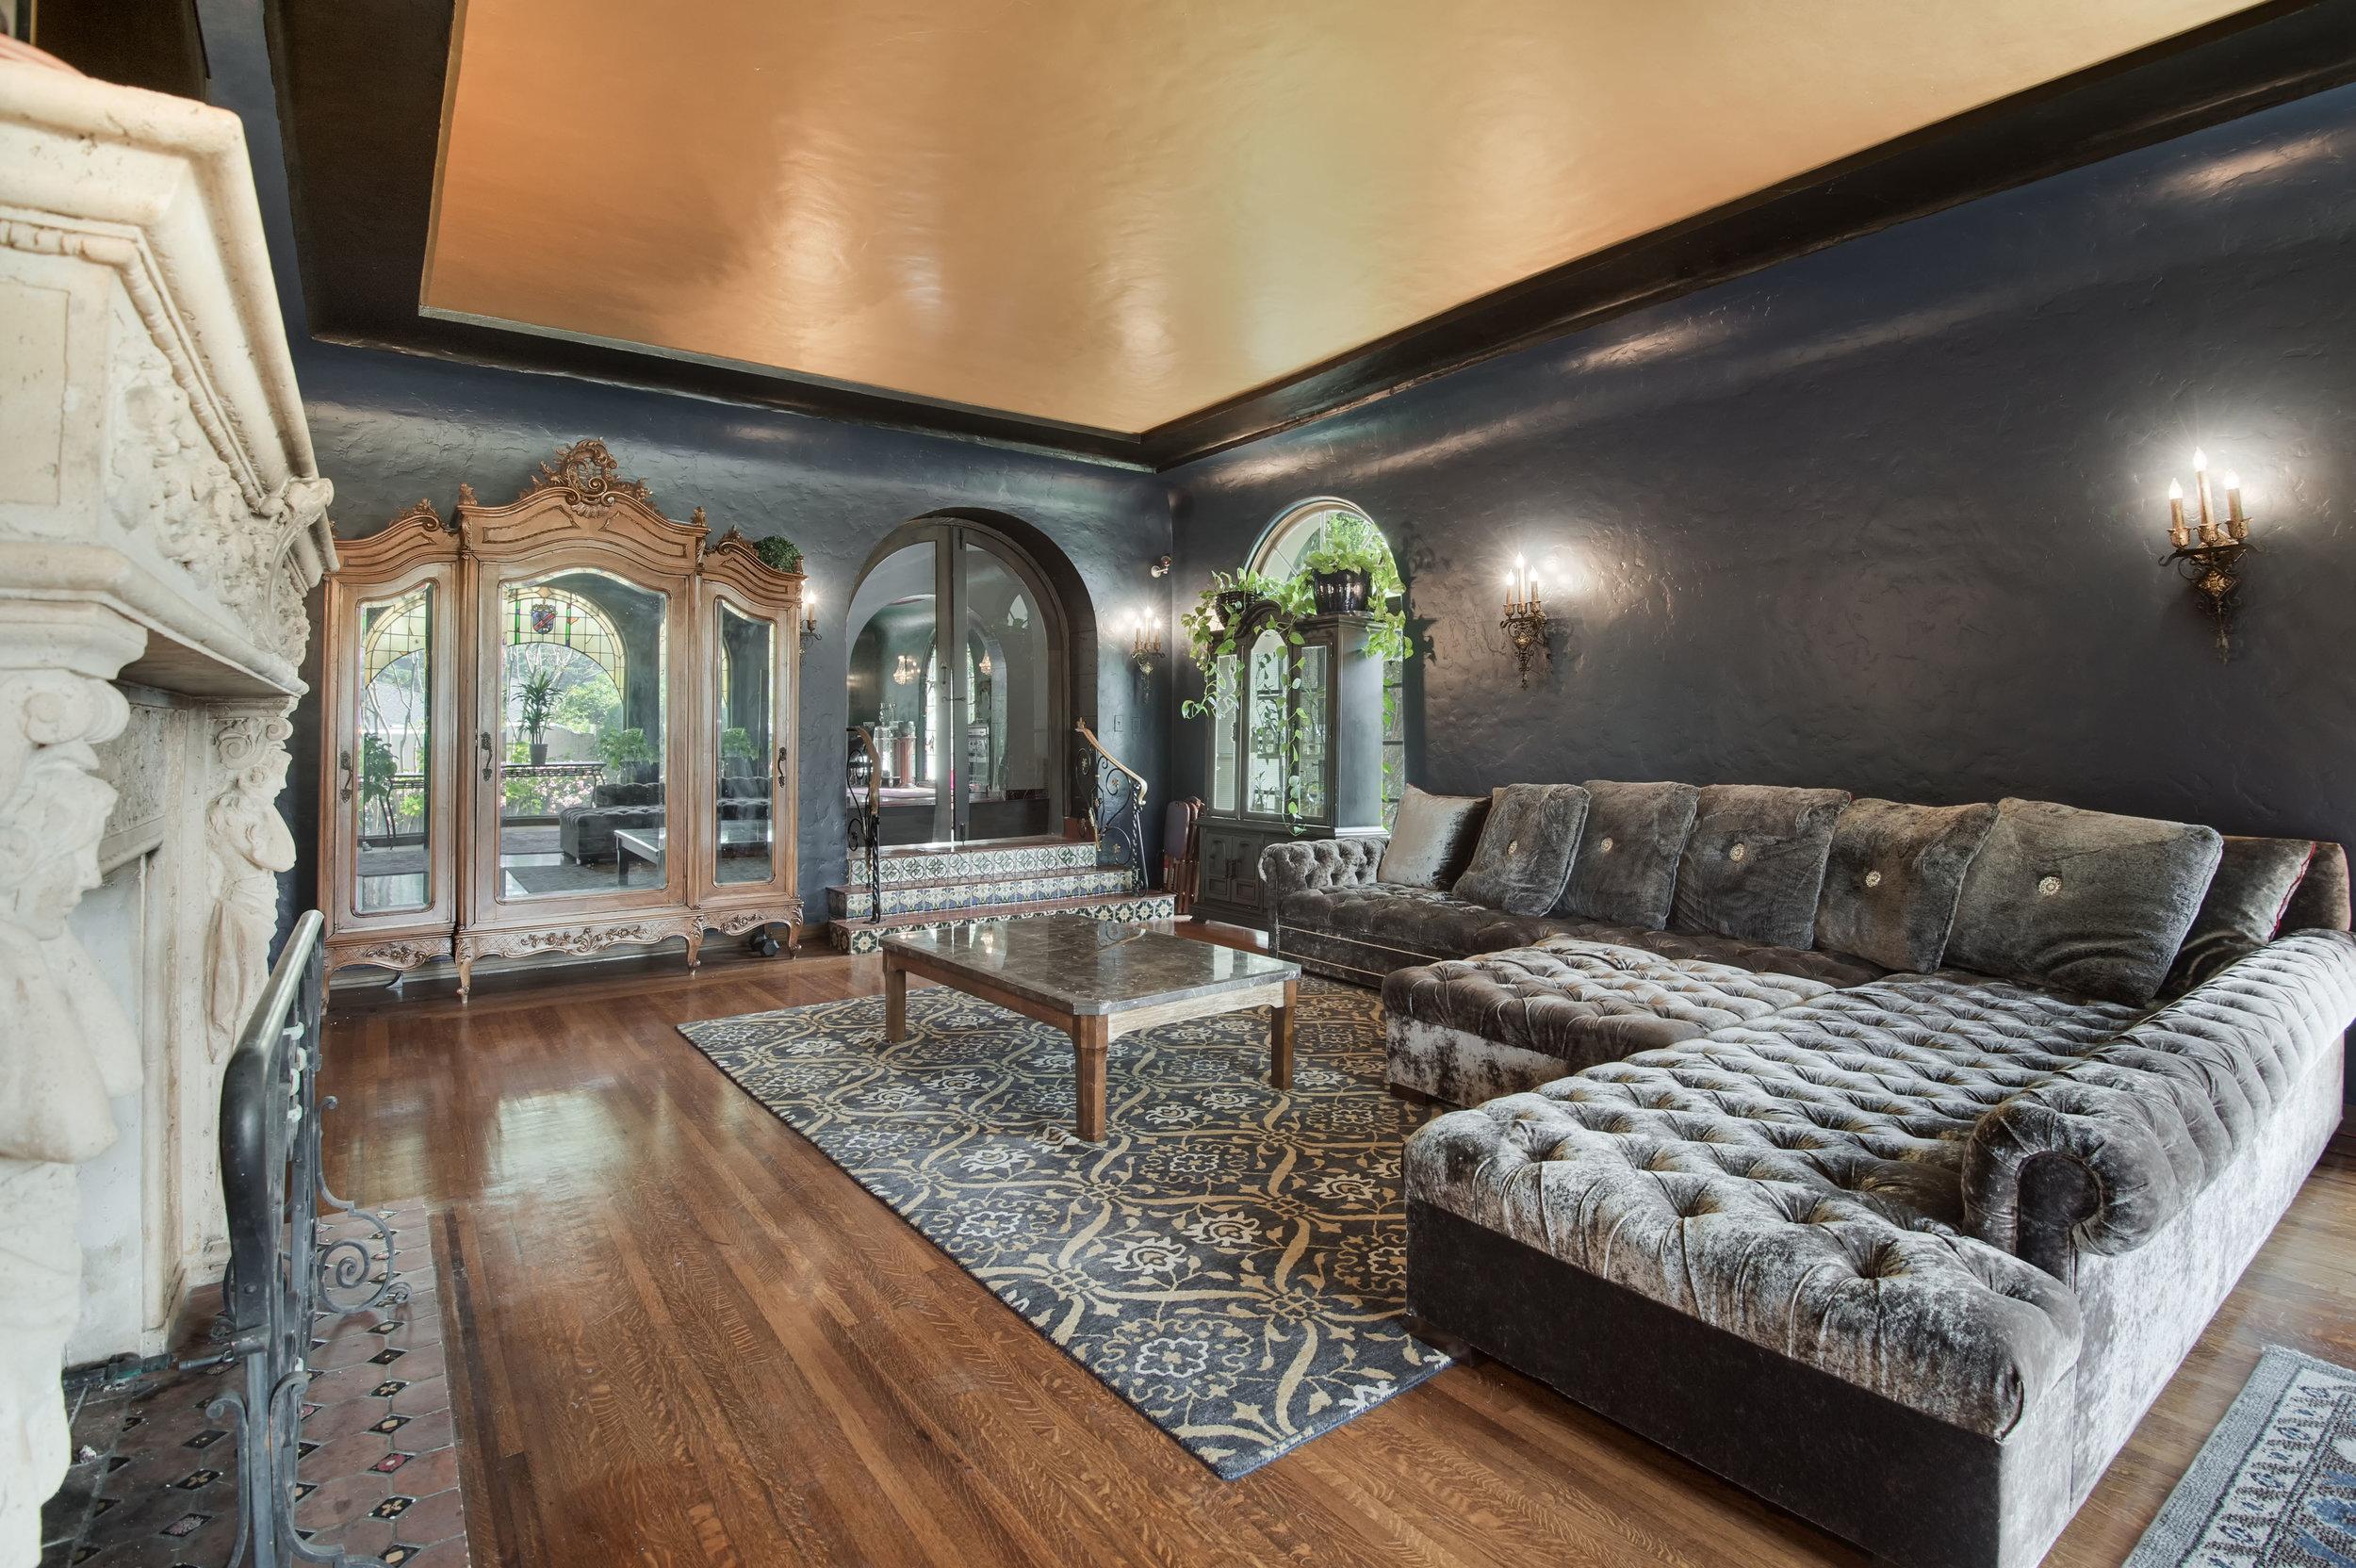 023 Living Room 006 Pool 4915 Los Feliz For Sale Los Angeles Lease The Malibu Life Team Luxury Real Estate.jpg